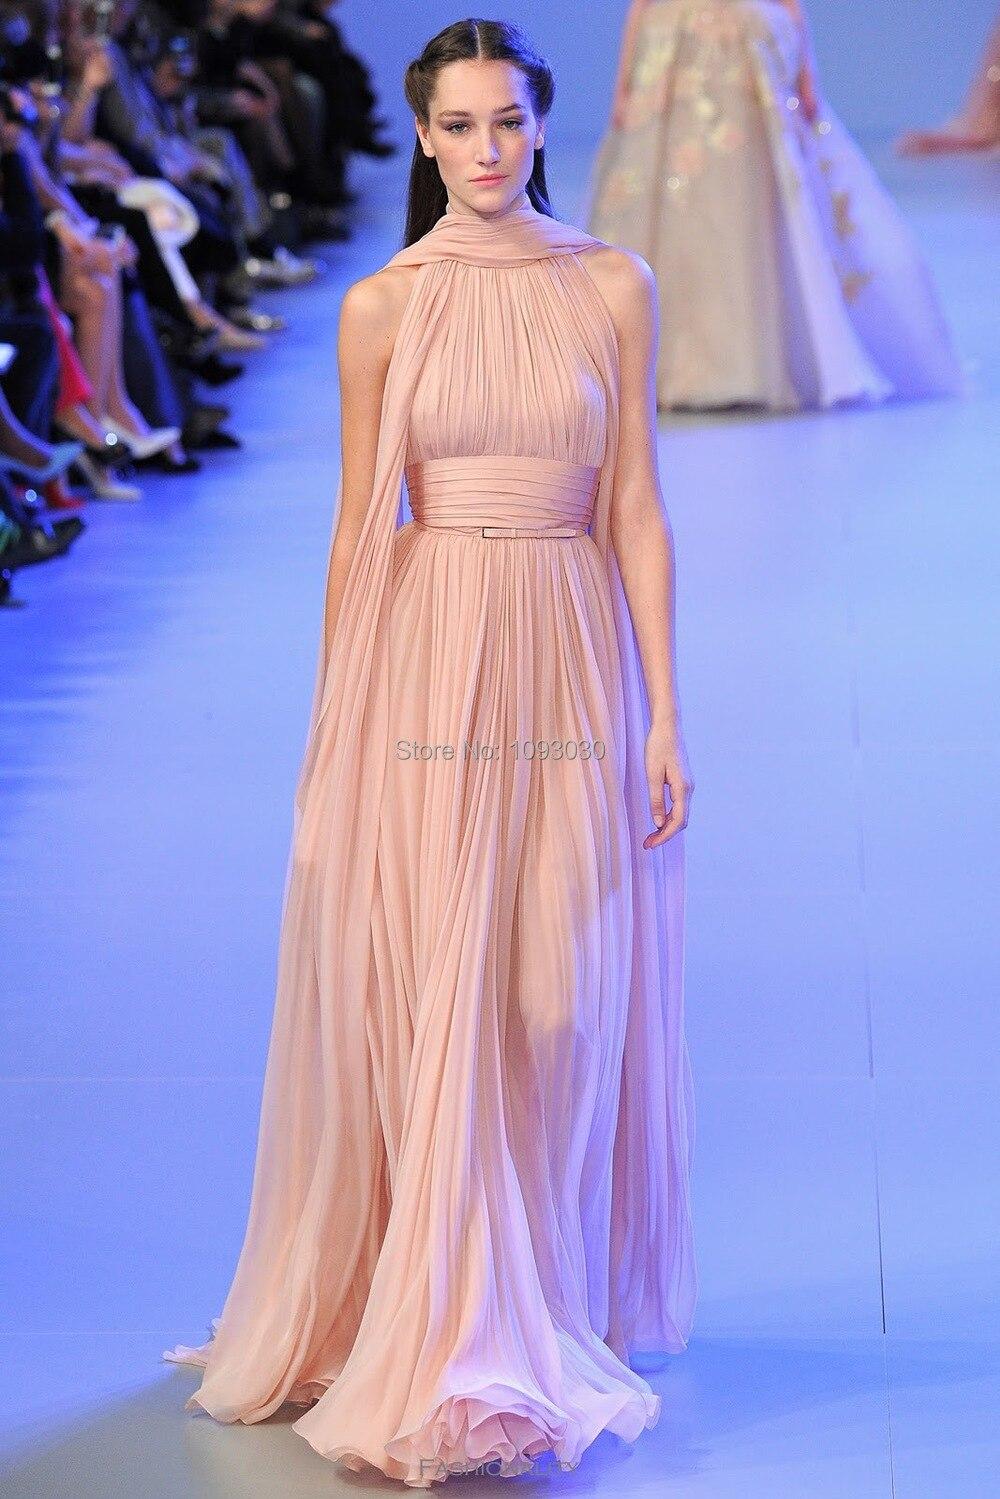 Nuevo diseño 2016 baratos Pink gasa Zuhair Murad vestidos noche piso ...